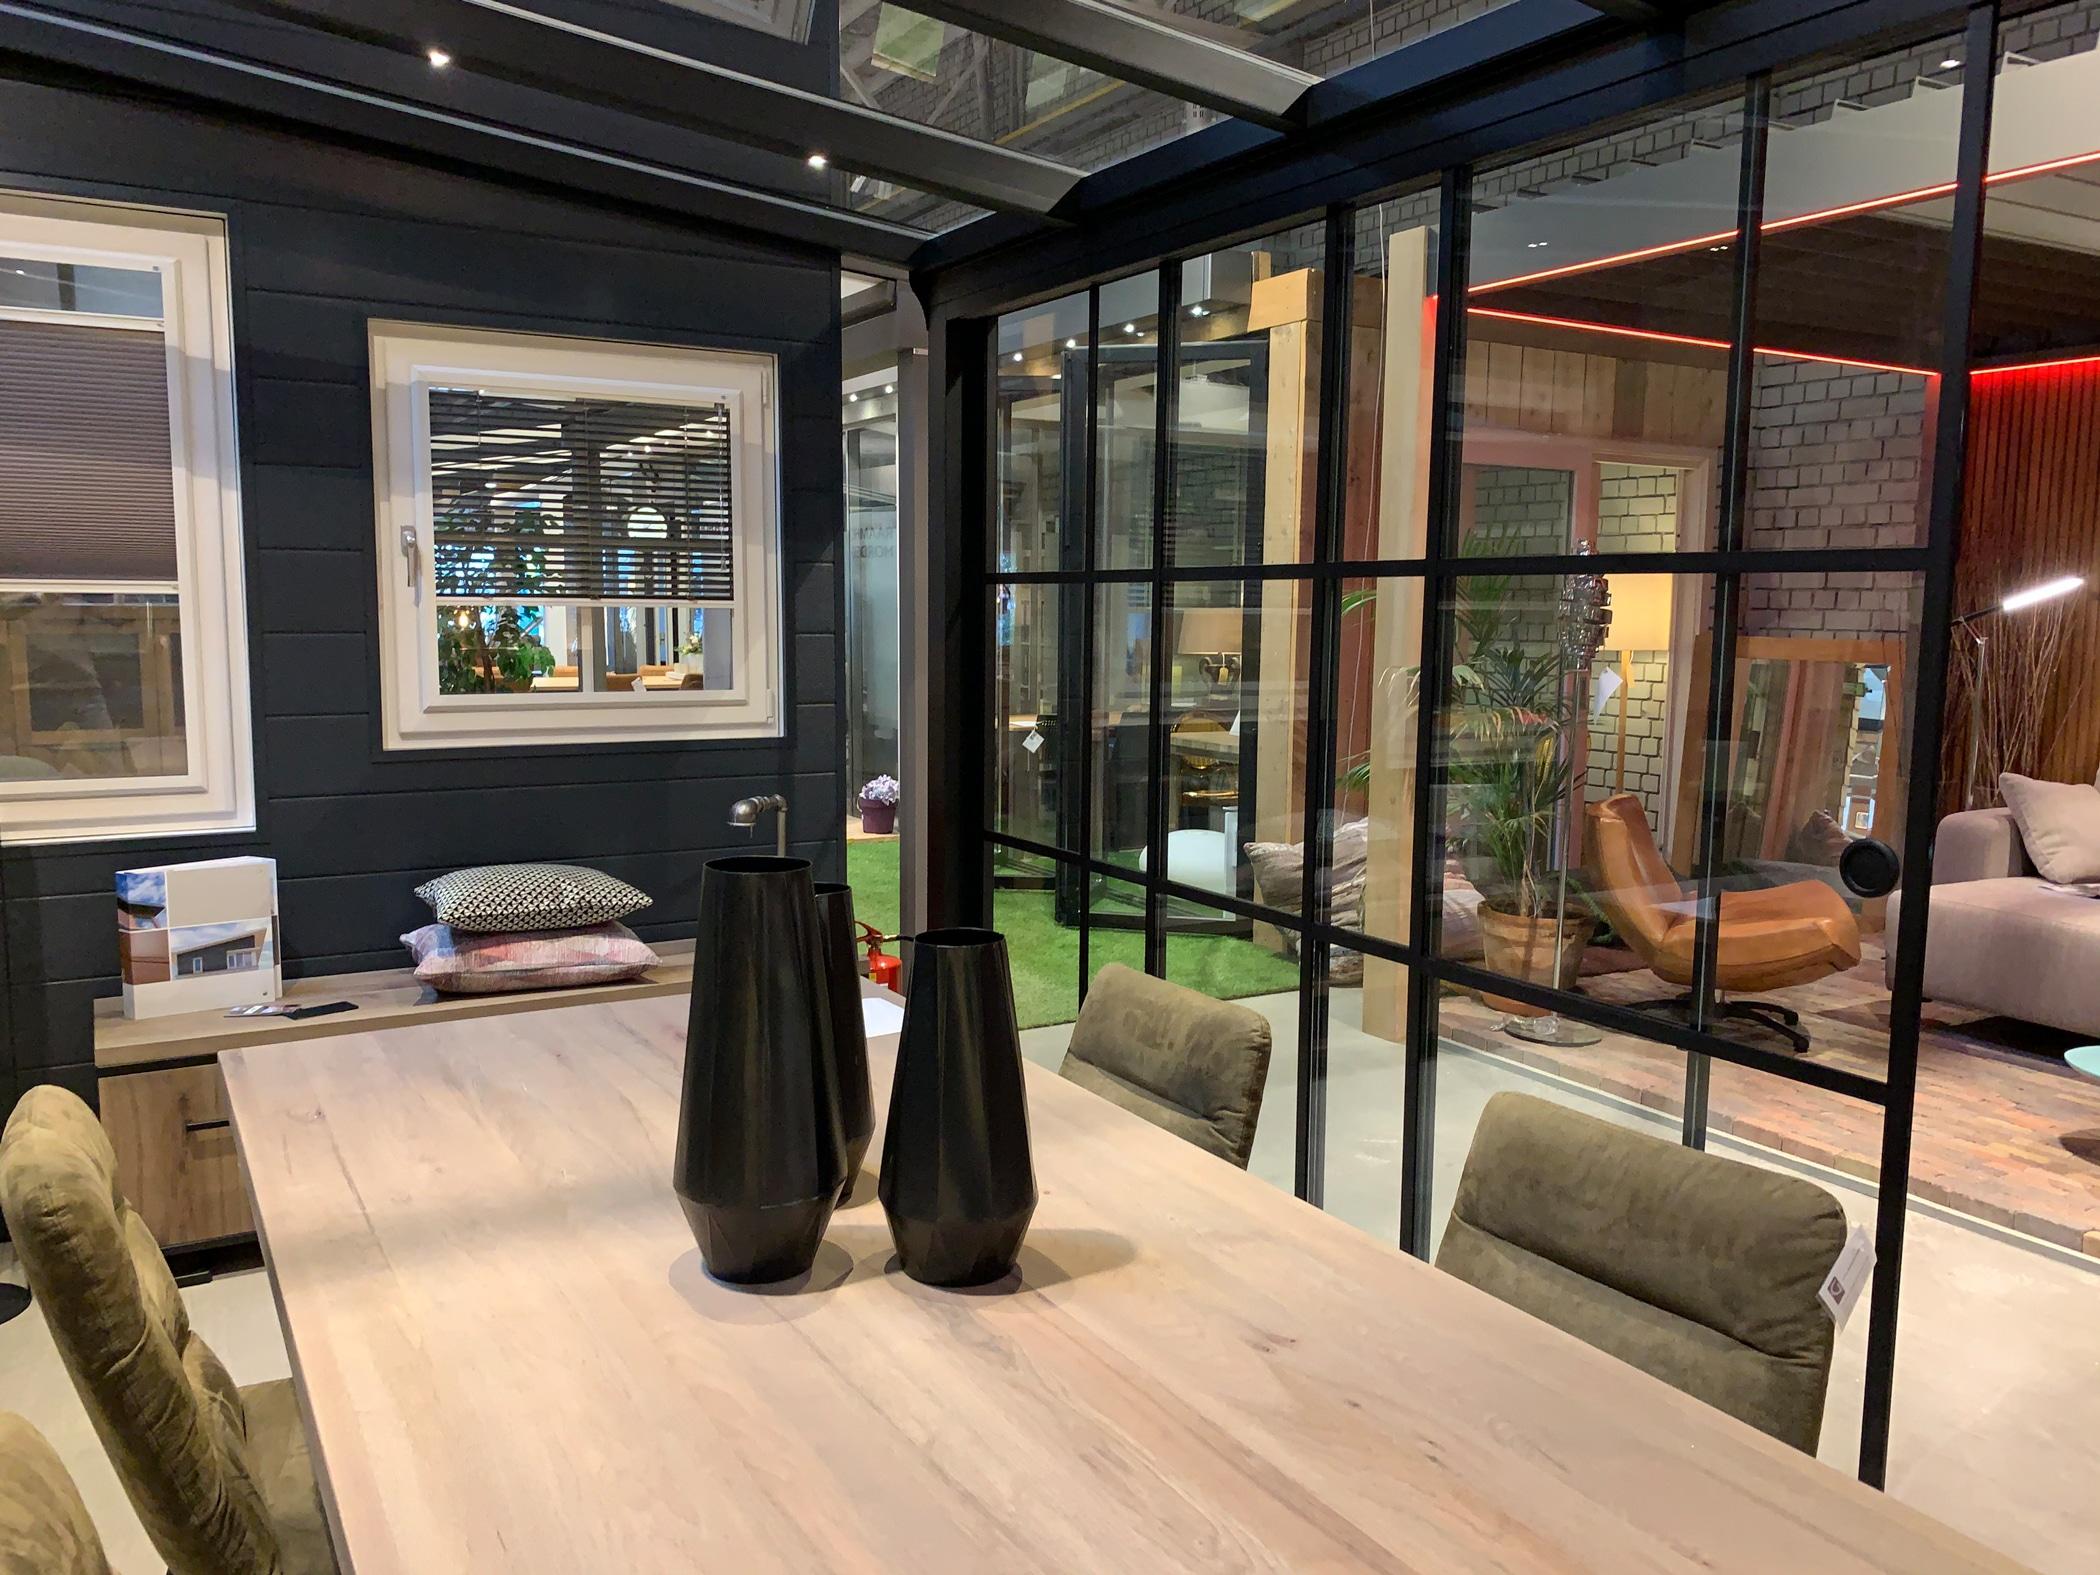 Sommergarten mit Schiebefenster im Industrial Look für Ausstellung